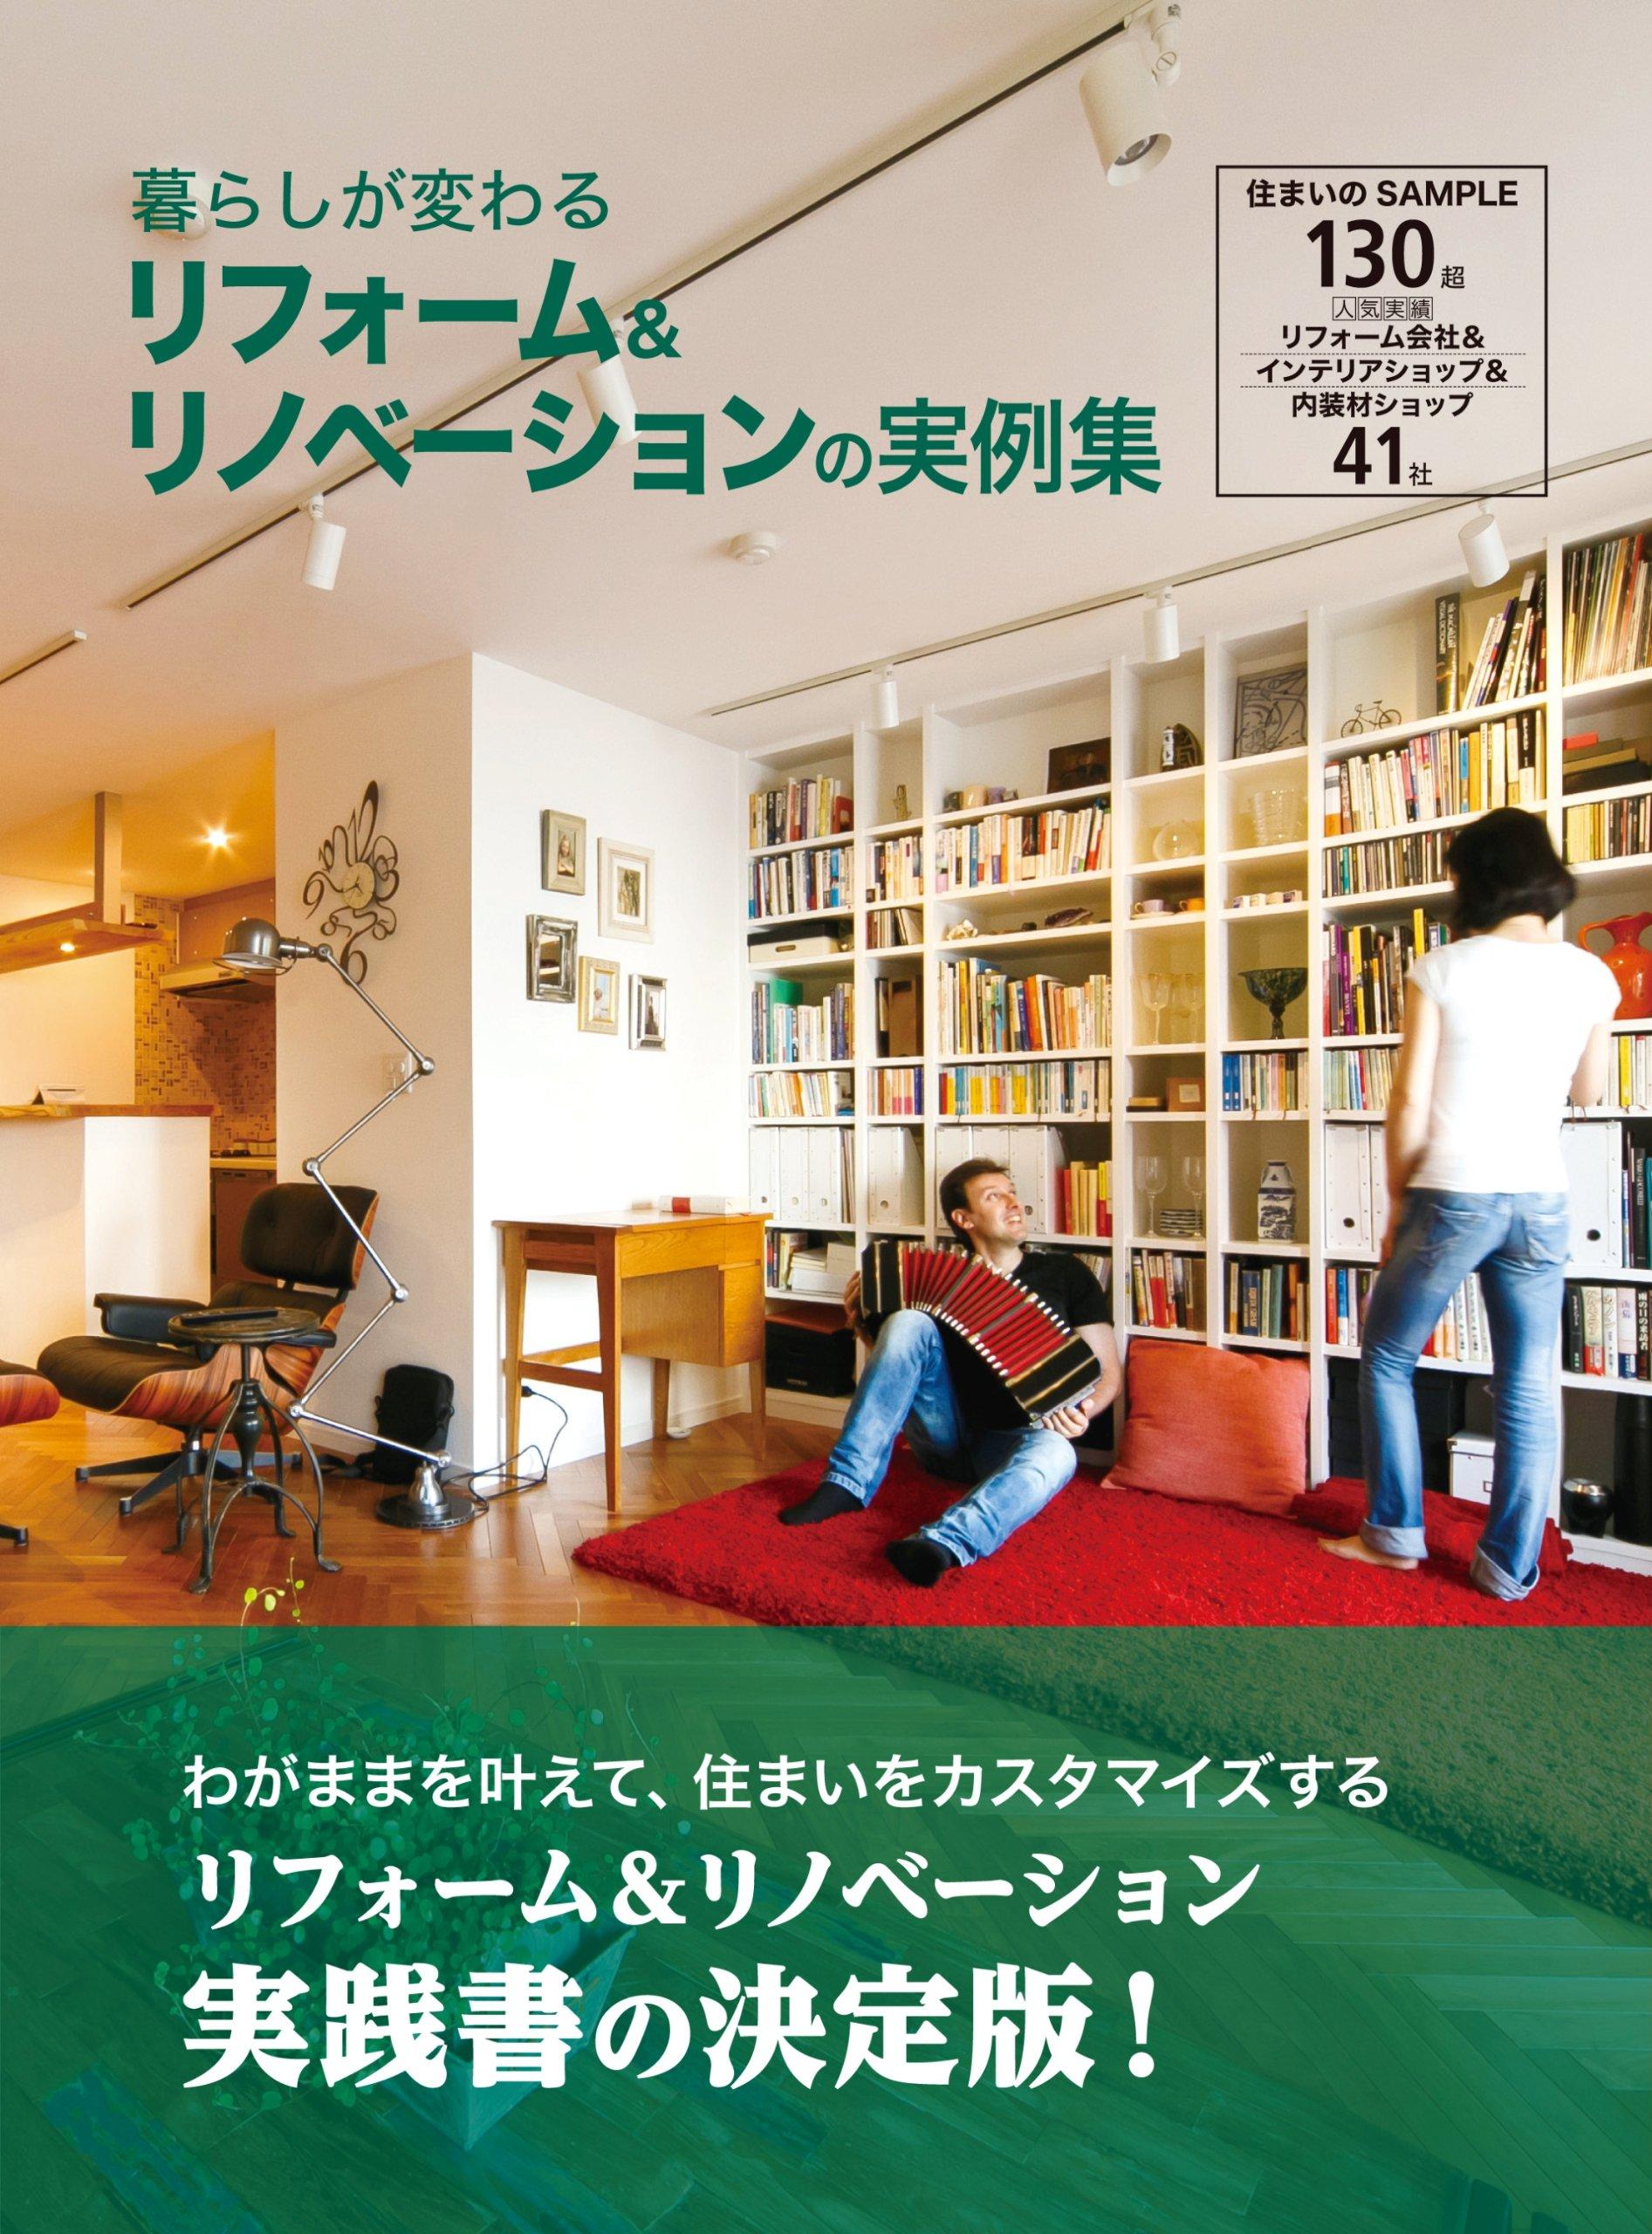 書籍「暮らしが変わるリフォーム&リノベーションの実例集」に掲載されました!